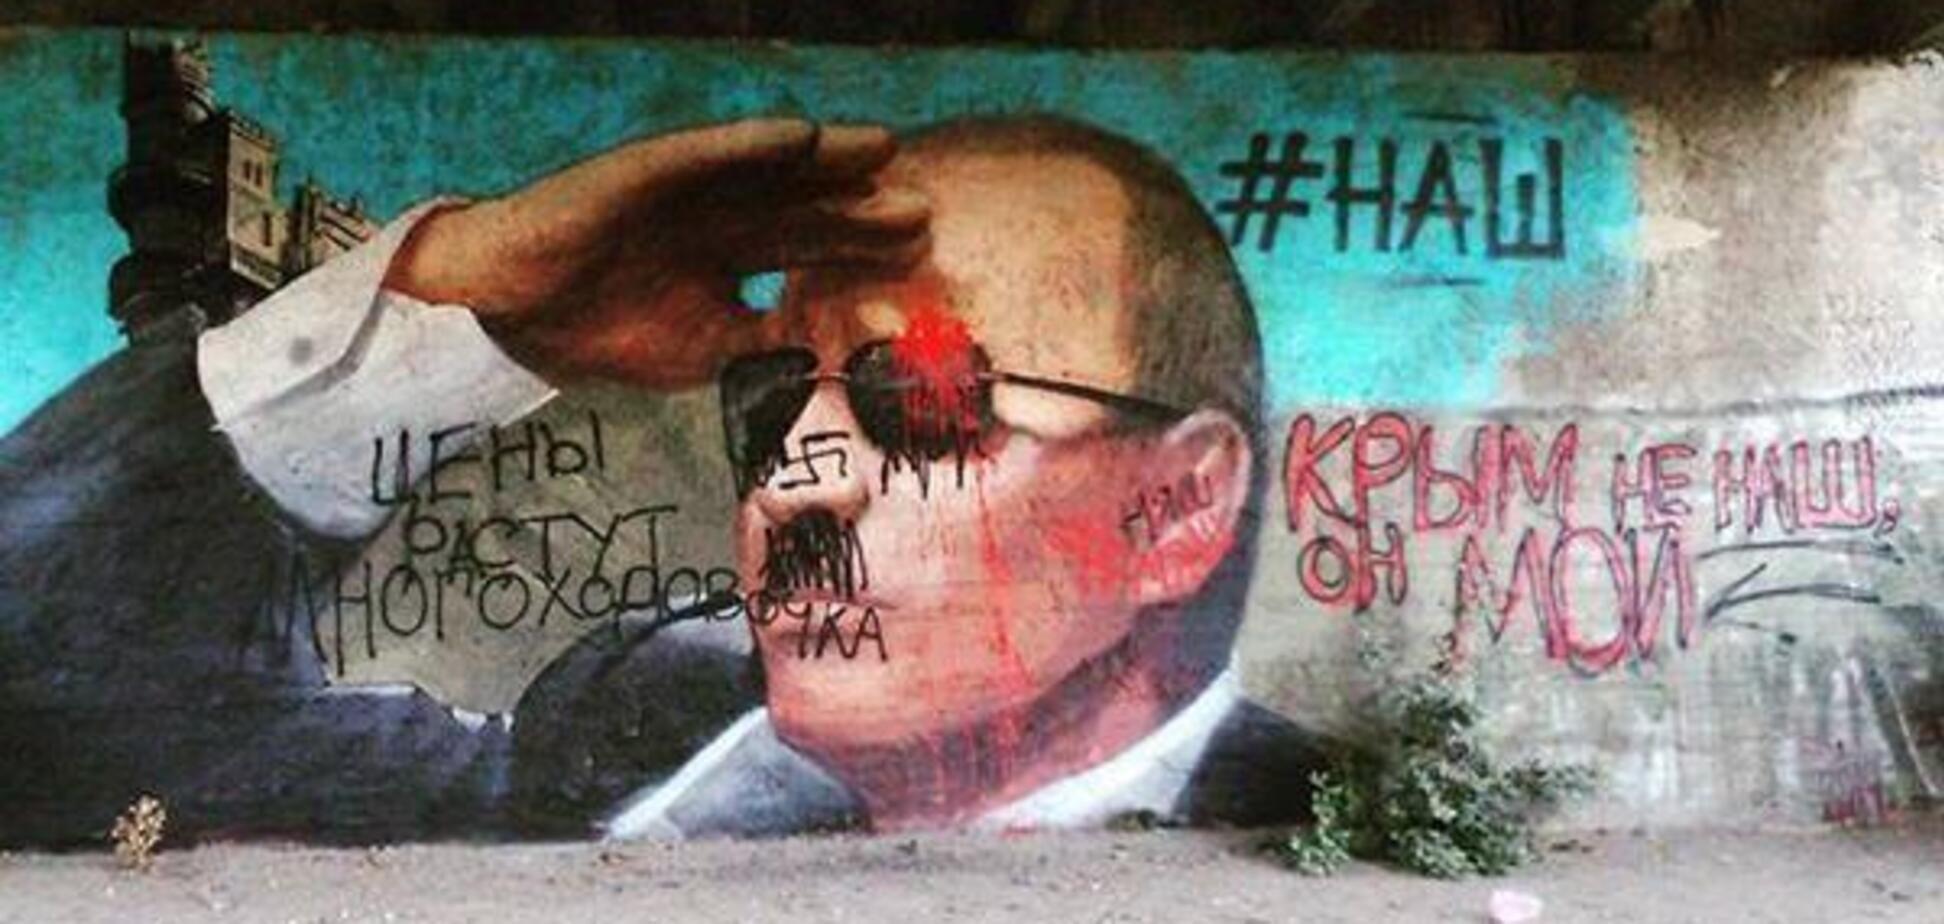 Новости Крымнаша. Предатели воют, что попали в круги ада